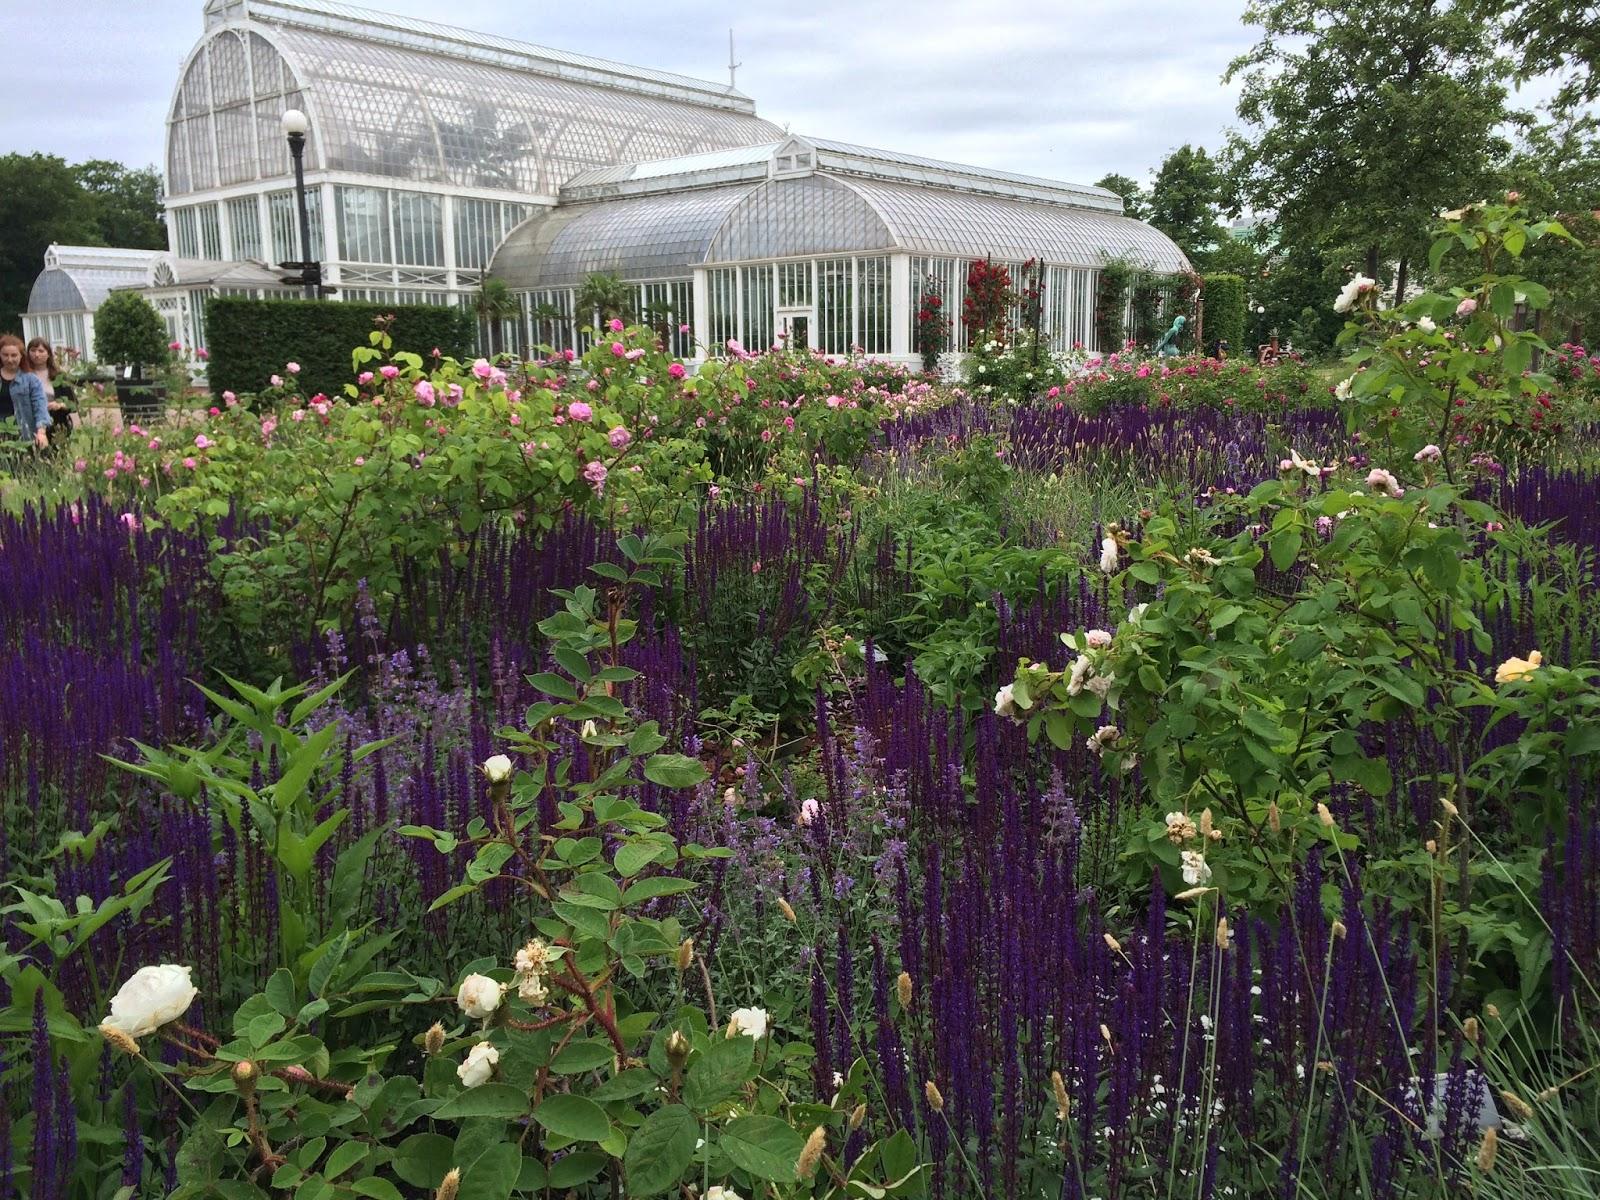 Trädgård i Torslanda: Göteborg - trädgårdshuvudstad